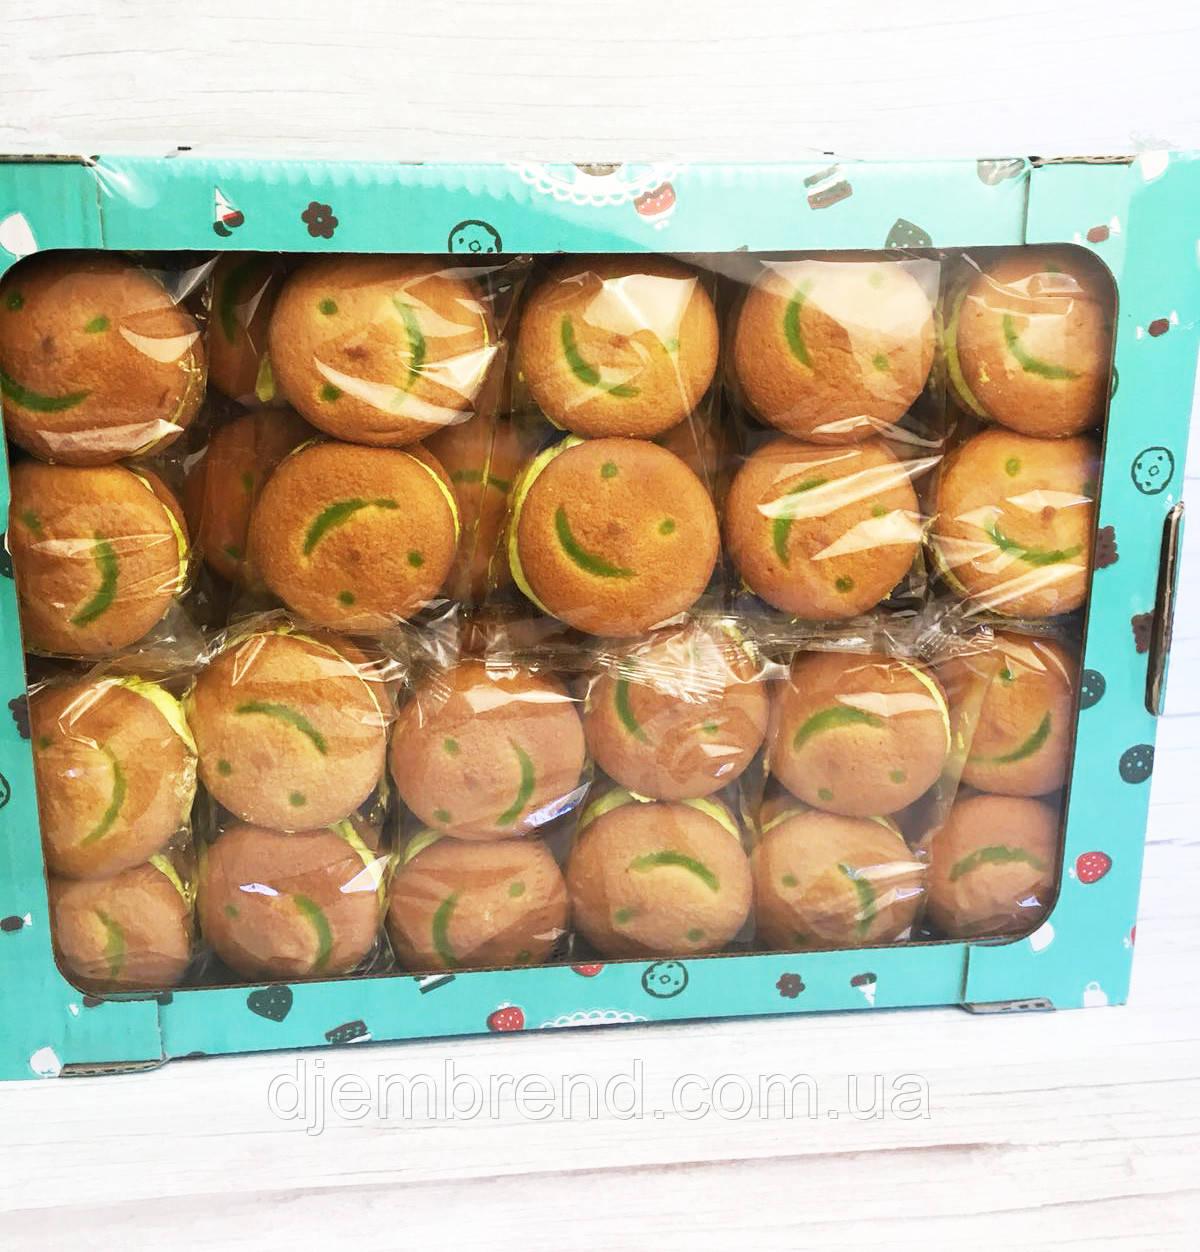 Печенье Хаха-тун (смайлик) со вкусом мохито, 1,7 кг (2 шт в упаковке)